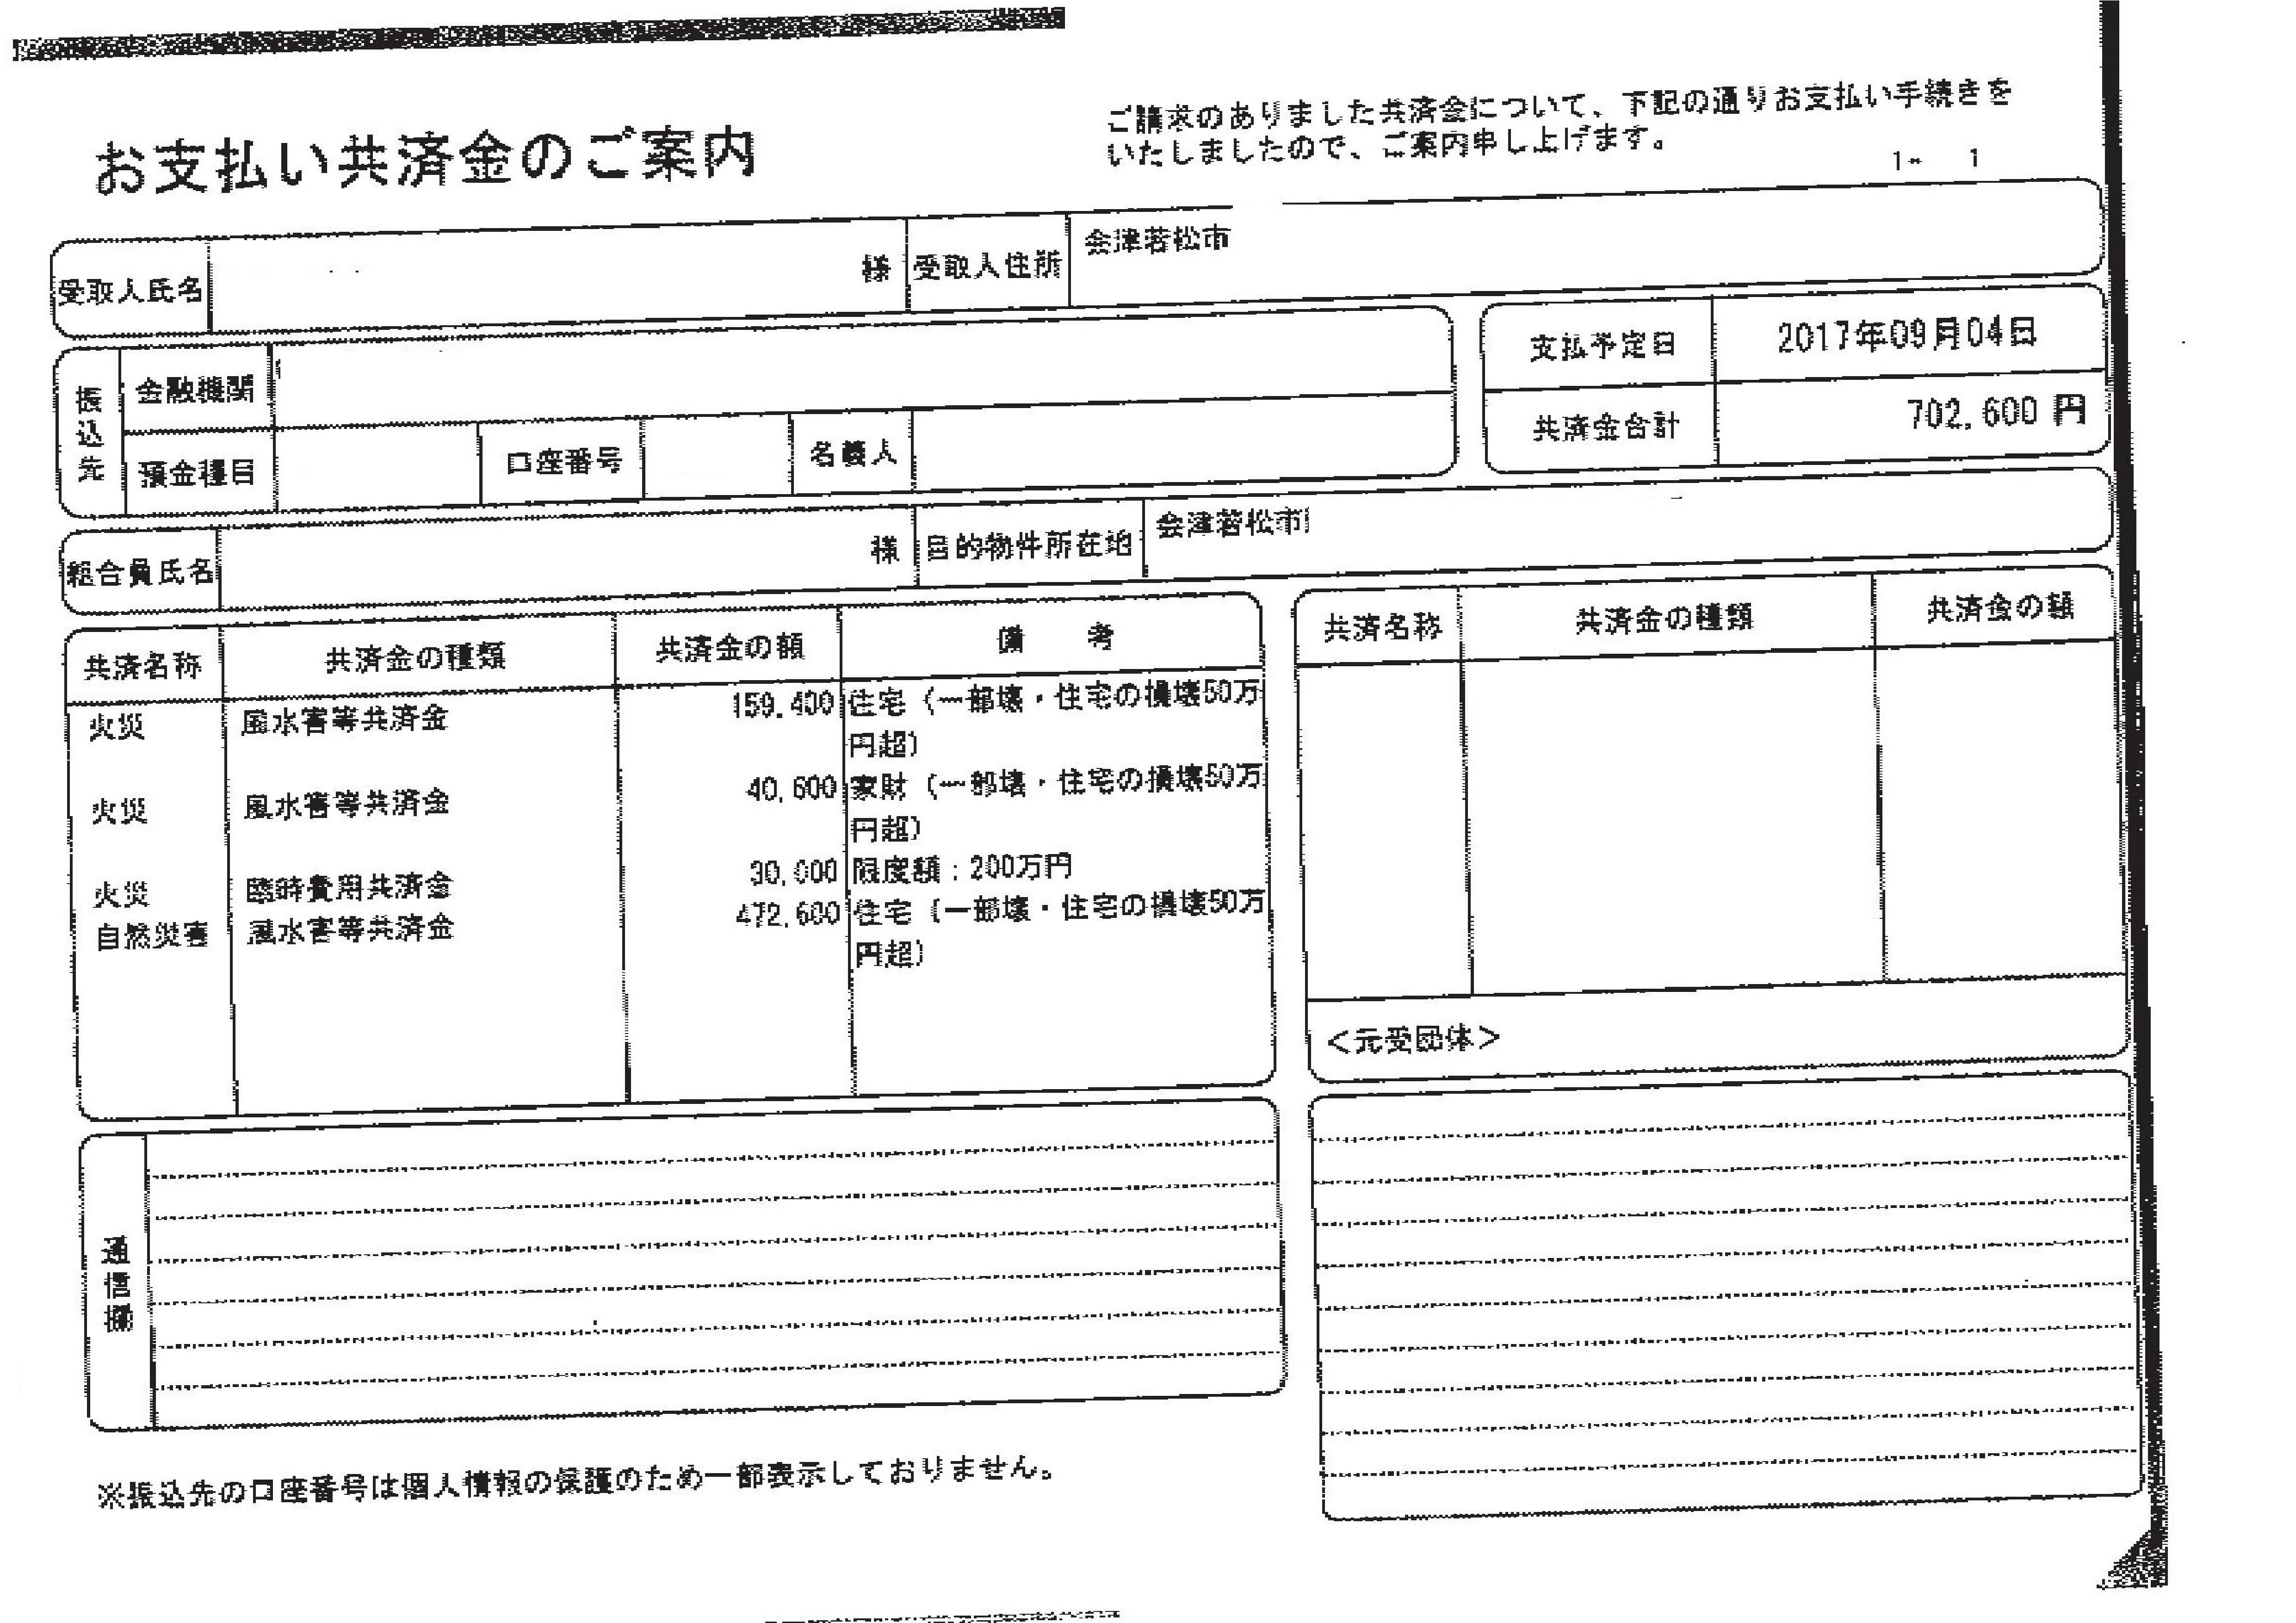 証明書 風水害-001